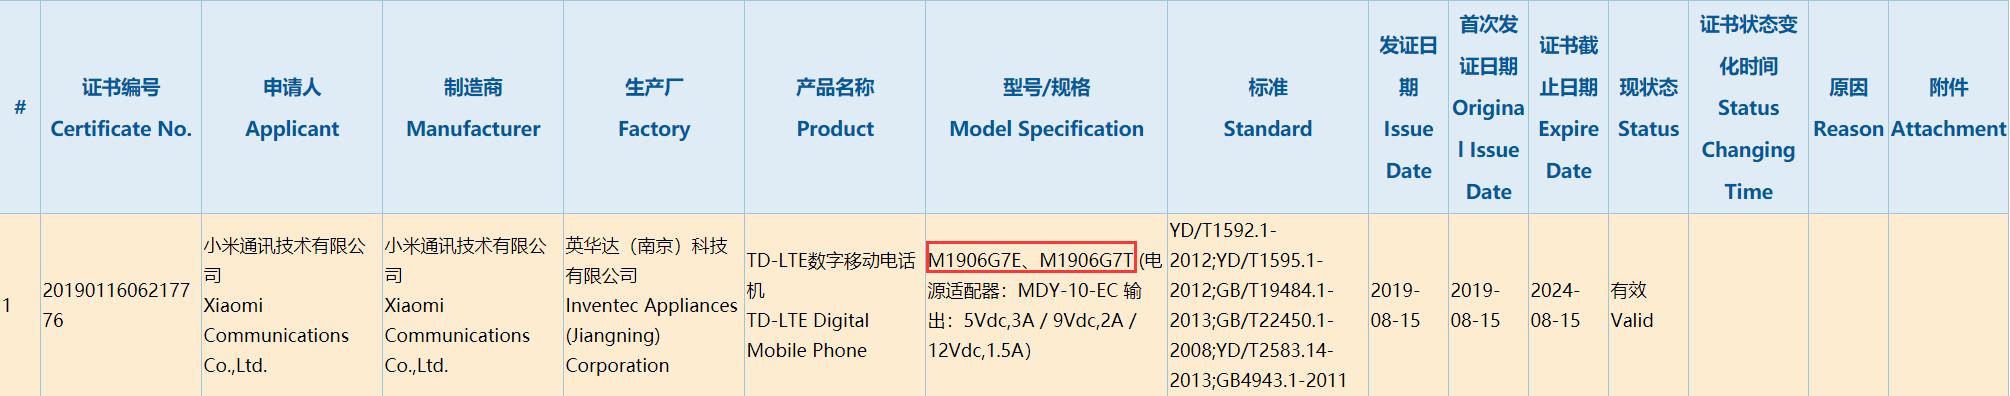 小米新机获认证 无意外应该是红米Note8